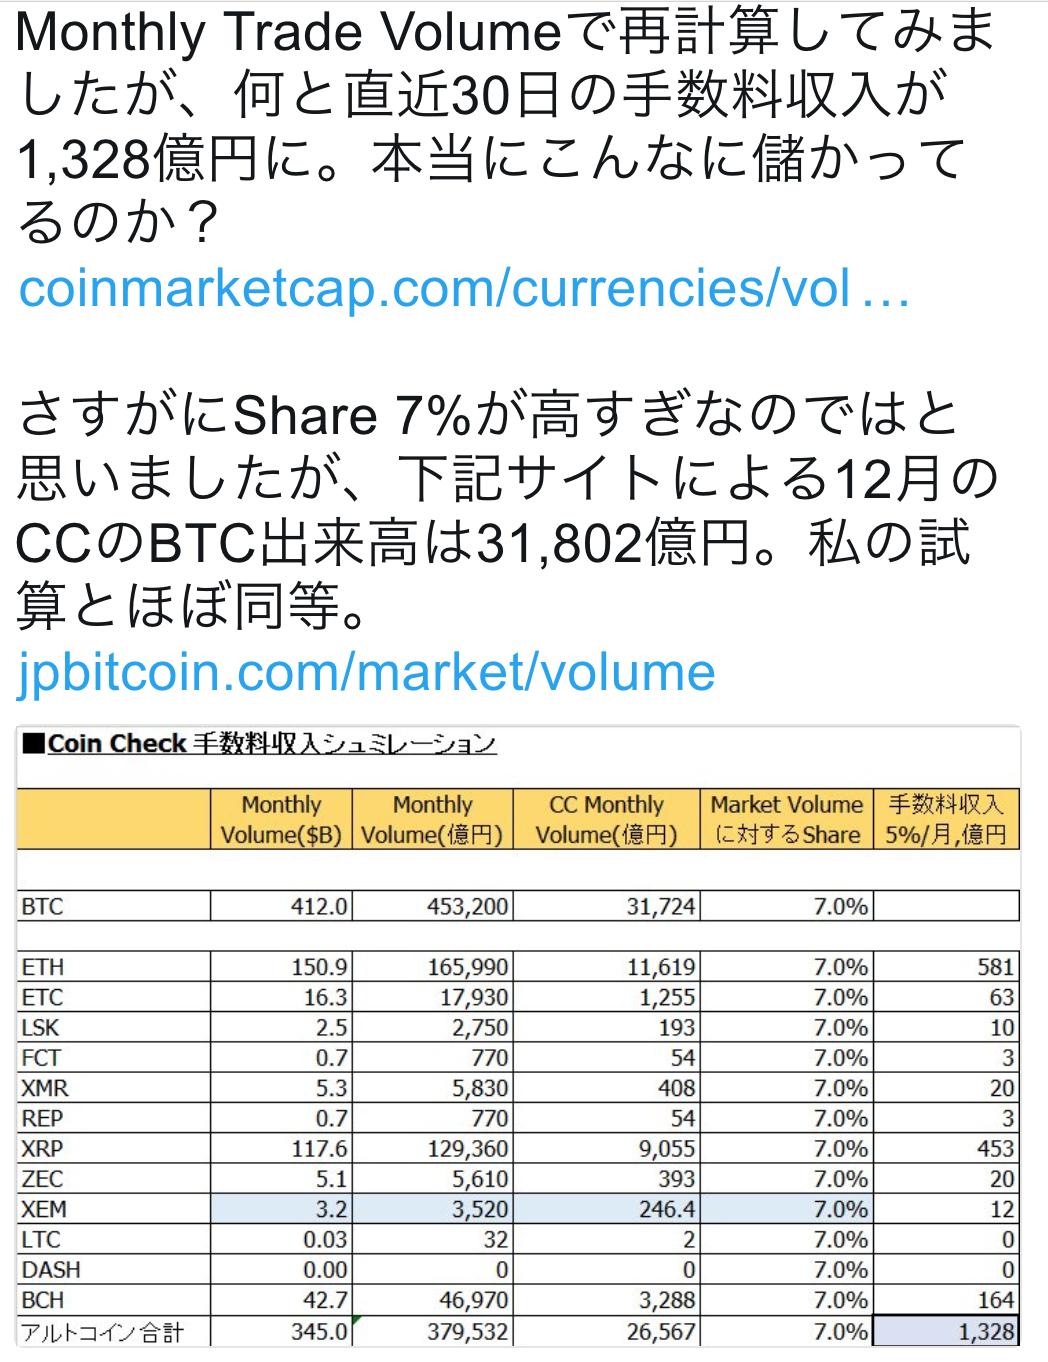 【朗報】コインチェック、NEM保有者26万人に日本円で返金へwwwwwwwwwwwwwのサムネイル画像